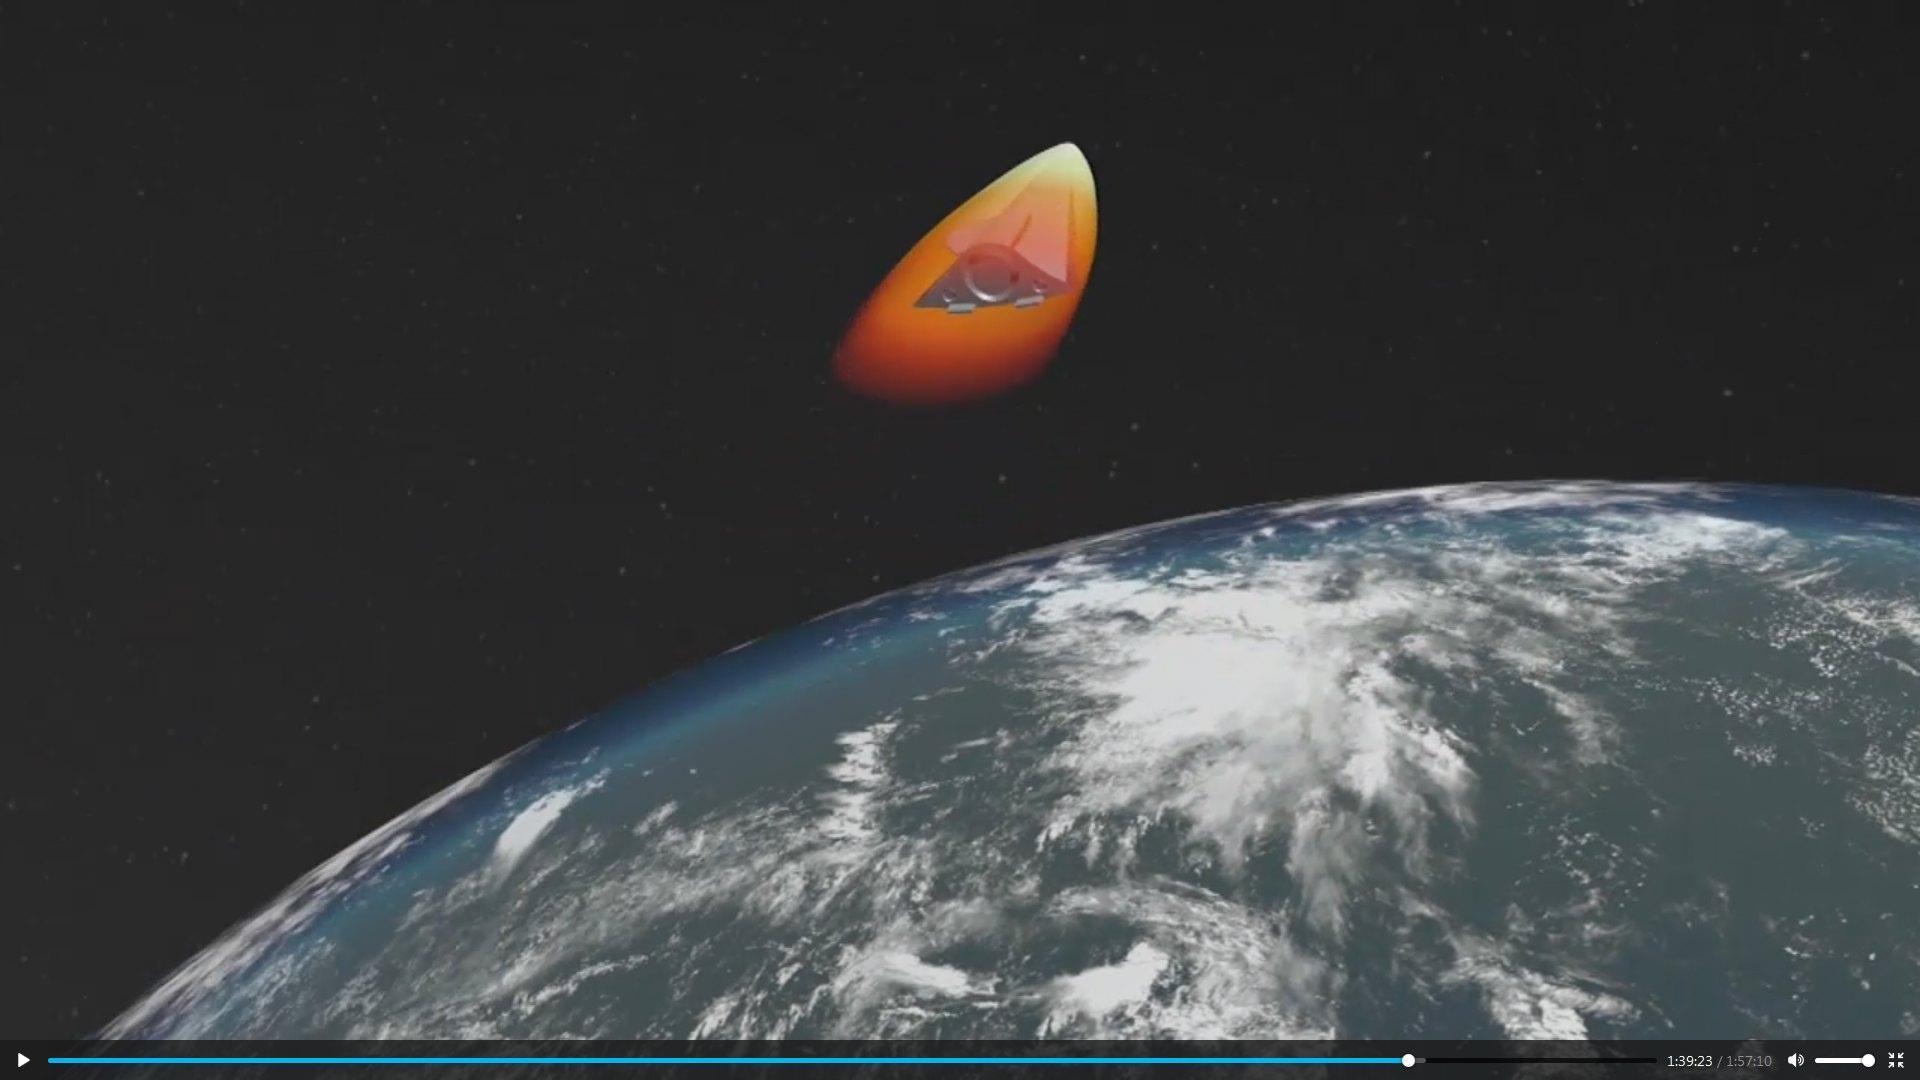 Il vettore che vola nello spazio, in un'altra immagine simulata